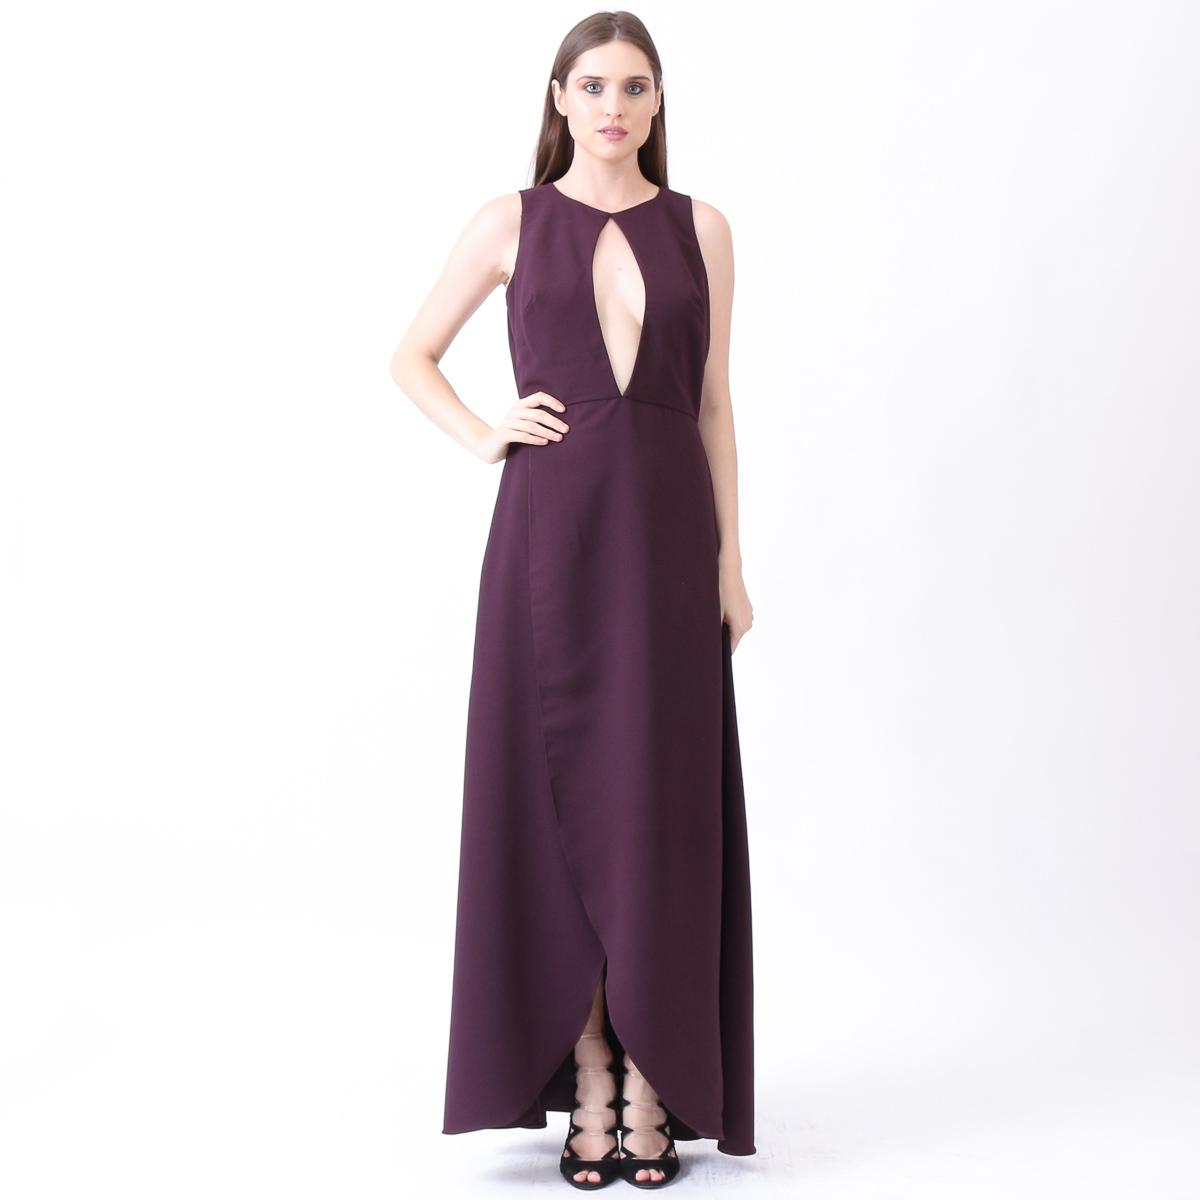 11a6cd5f51 Vestido com decote gota profundo — Camila Vitorino